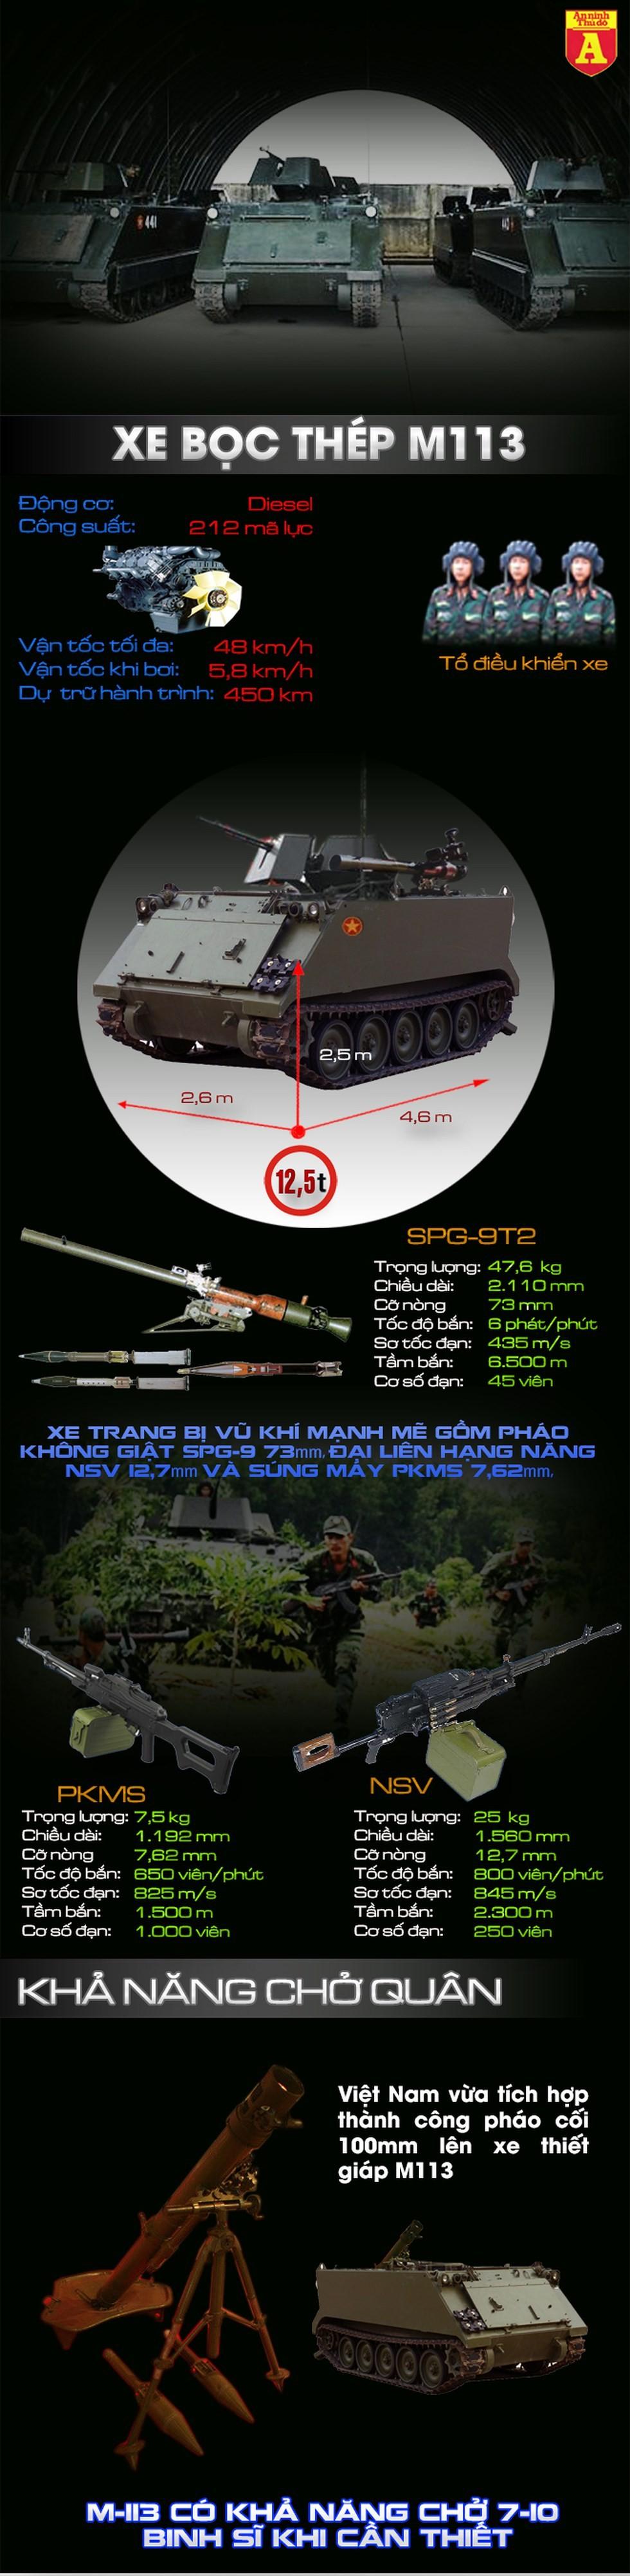 [Info] Thiết giáp nổi tiếng của Mỹ được quân tình nguyện Việt Nam đánh Khmer Đỏ ra sao ảnh 2